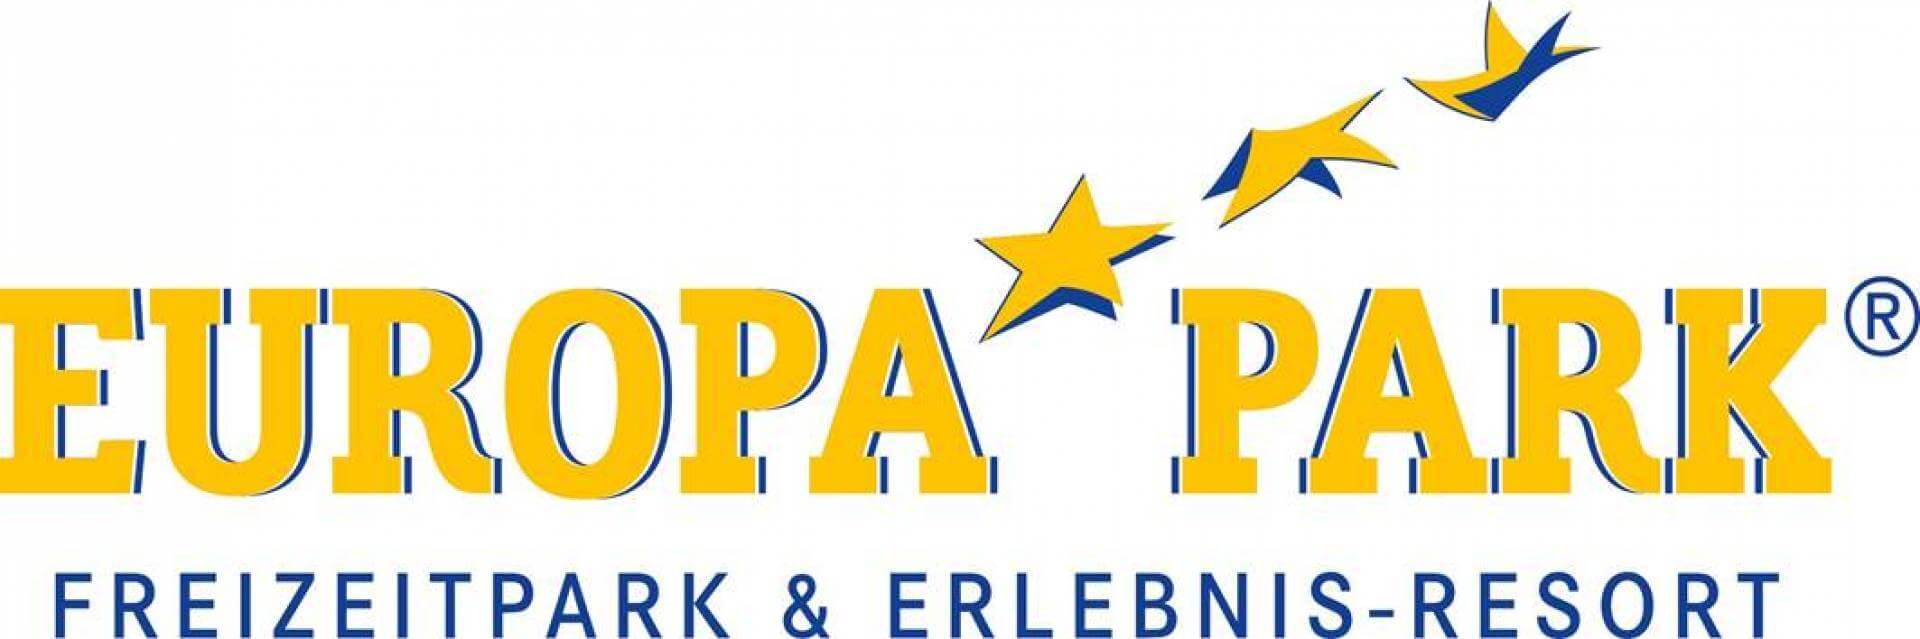 Dieses Projekt wurde gefördert durch den Europa-Park in Rust